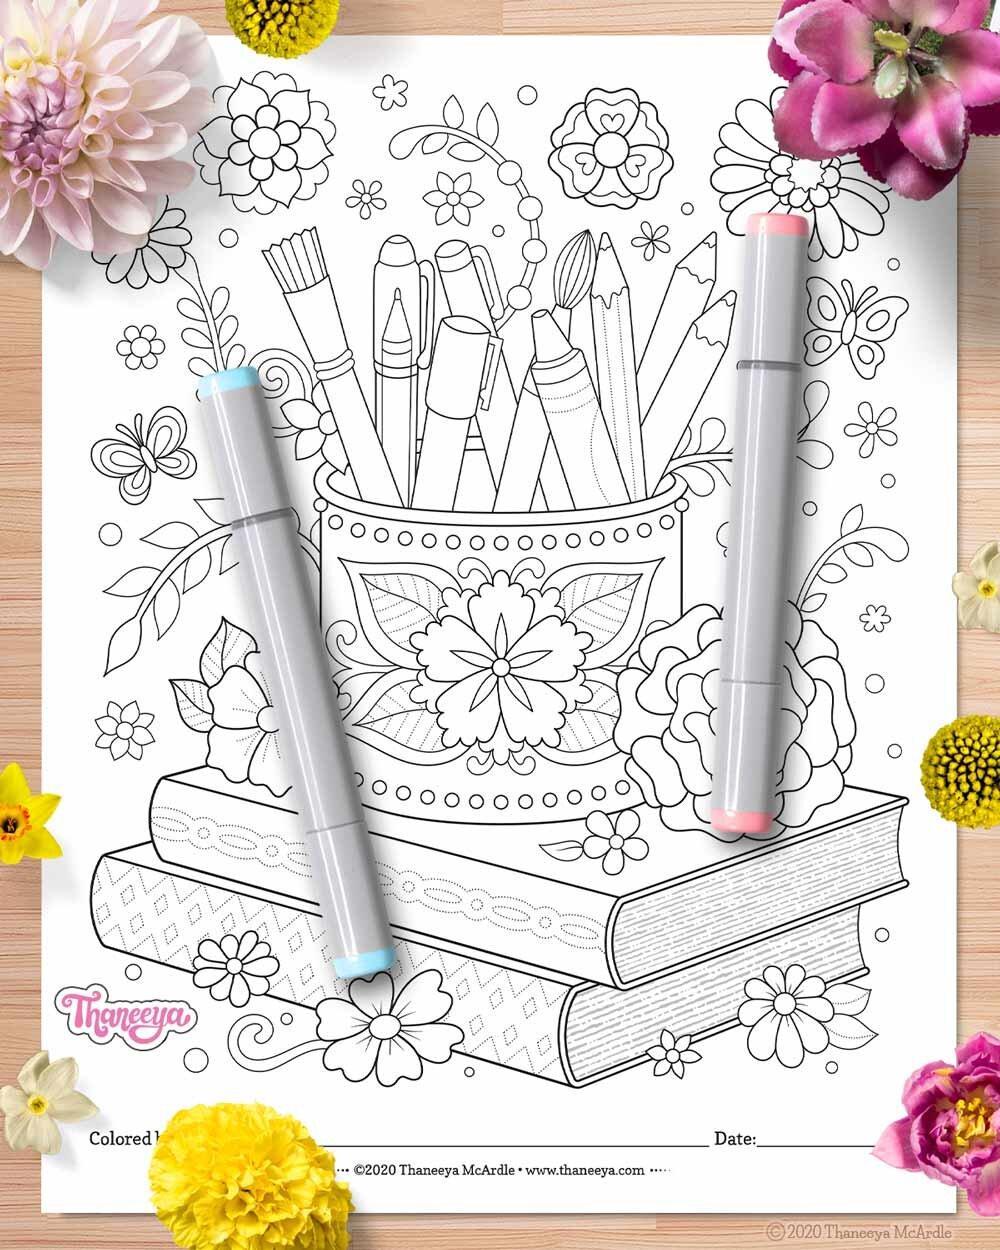 艺术用品和书籍上色页-一套27印刷的快乐大杂烩betway必威官网app上色页由Thaneeya McArdle必威西蒙体育 欧盟体育